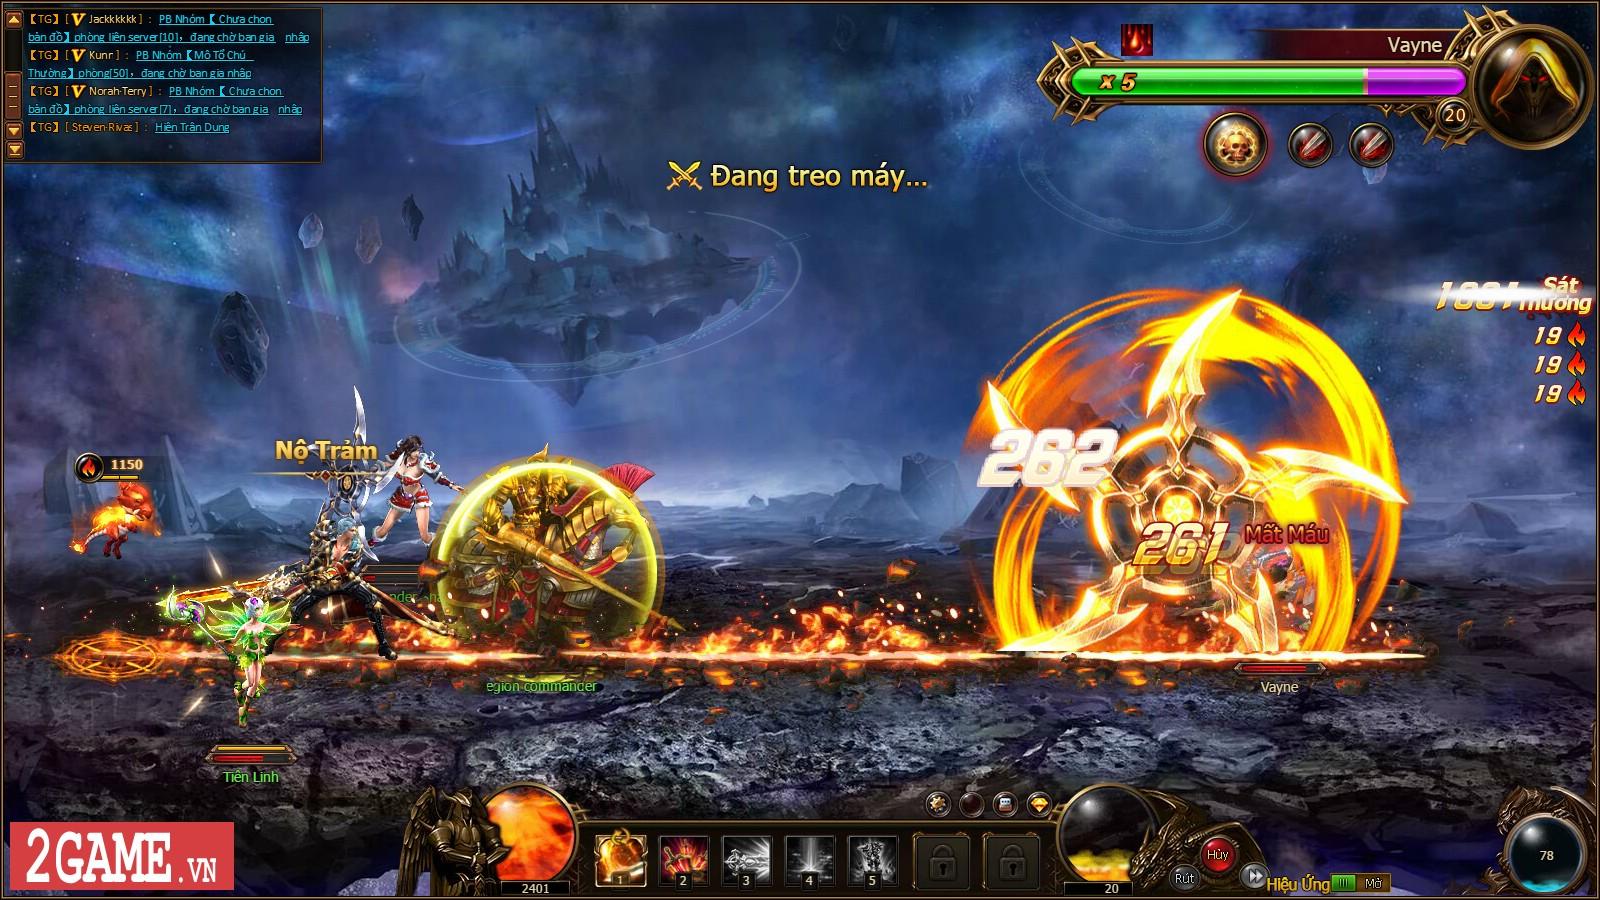 7 game online vừa ra mắt game thủ Việt trong cuối tháng 7 8